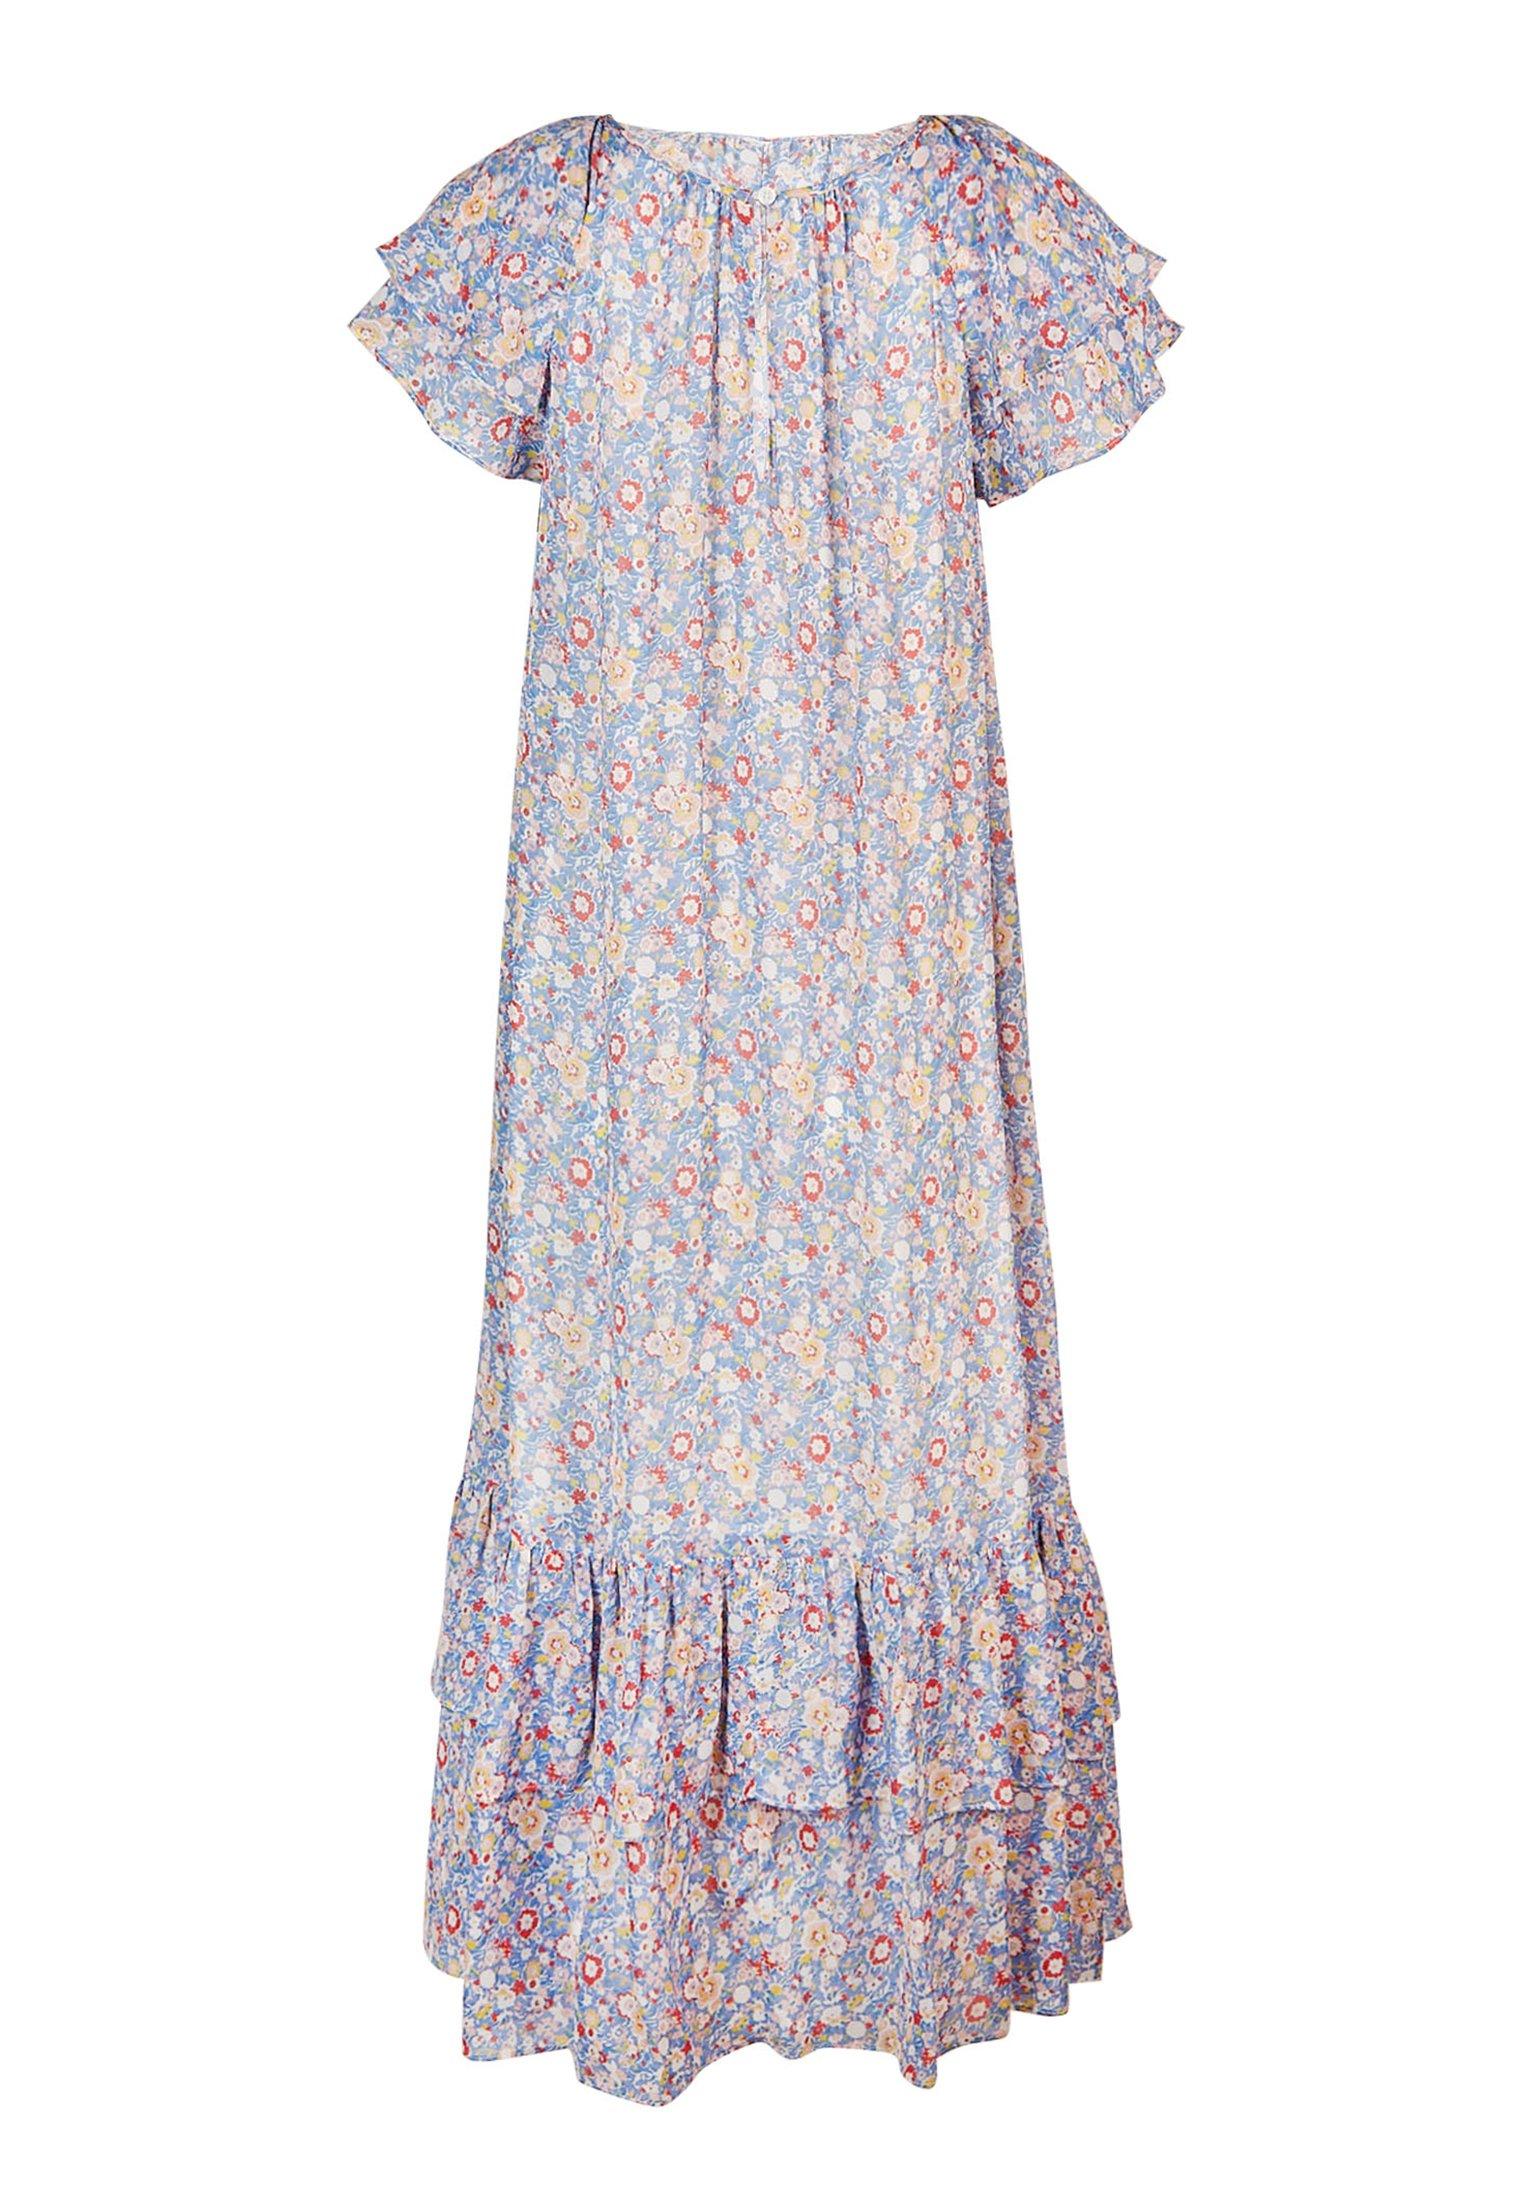 Damen AZALEA FLORAL PRINT - Freizeitkleid